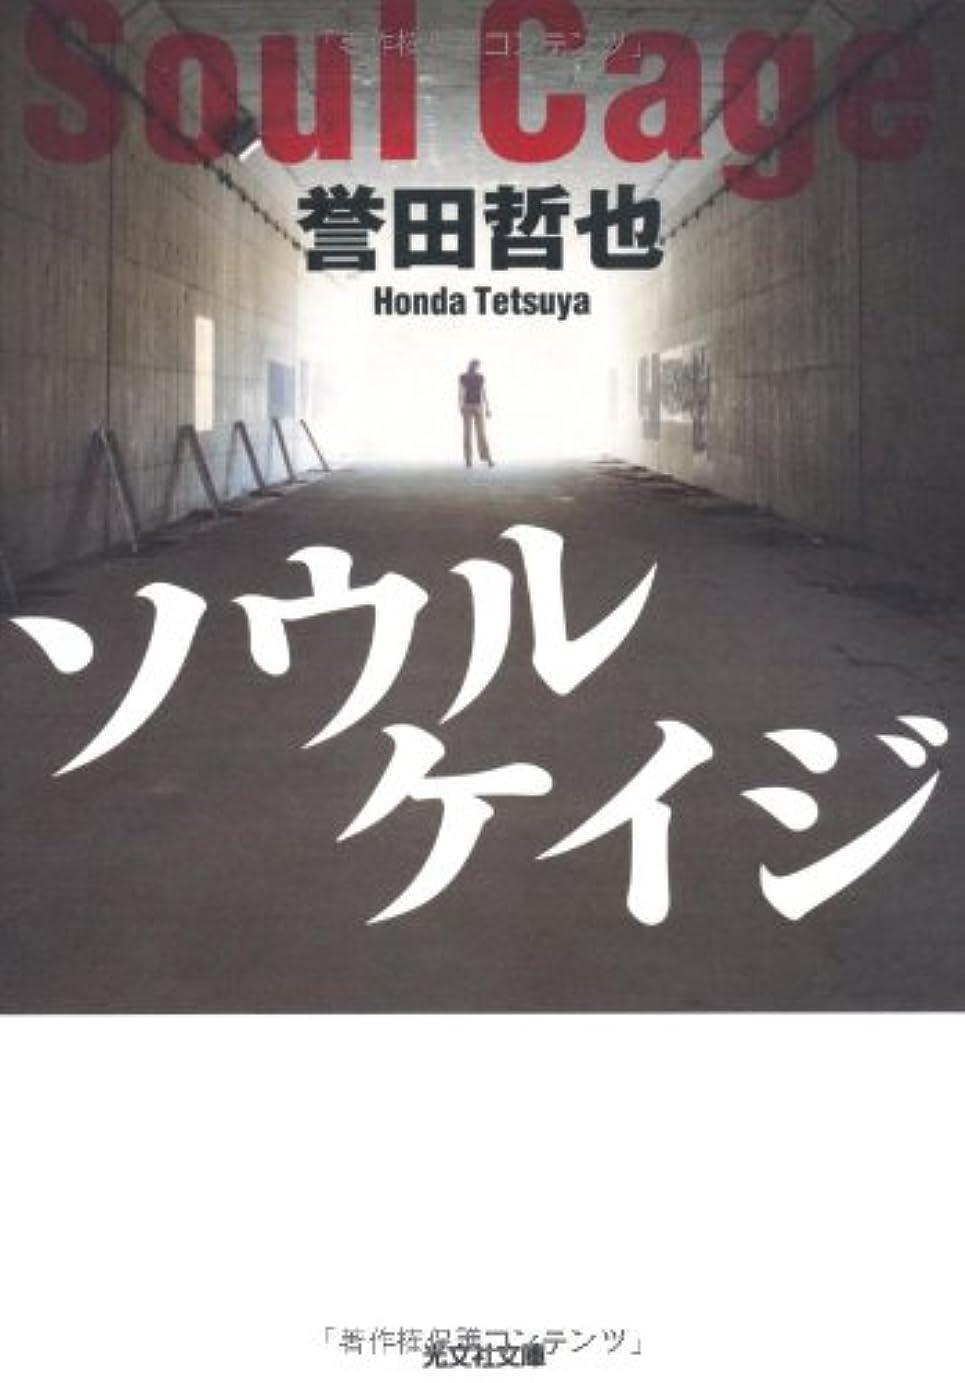 こねる僕の破産ソウルケイジ (光文社文庫)